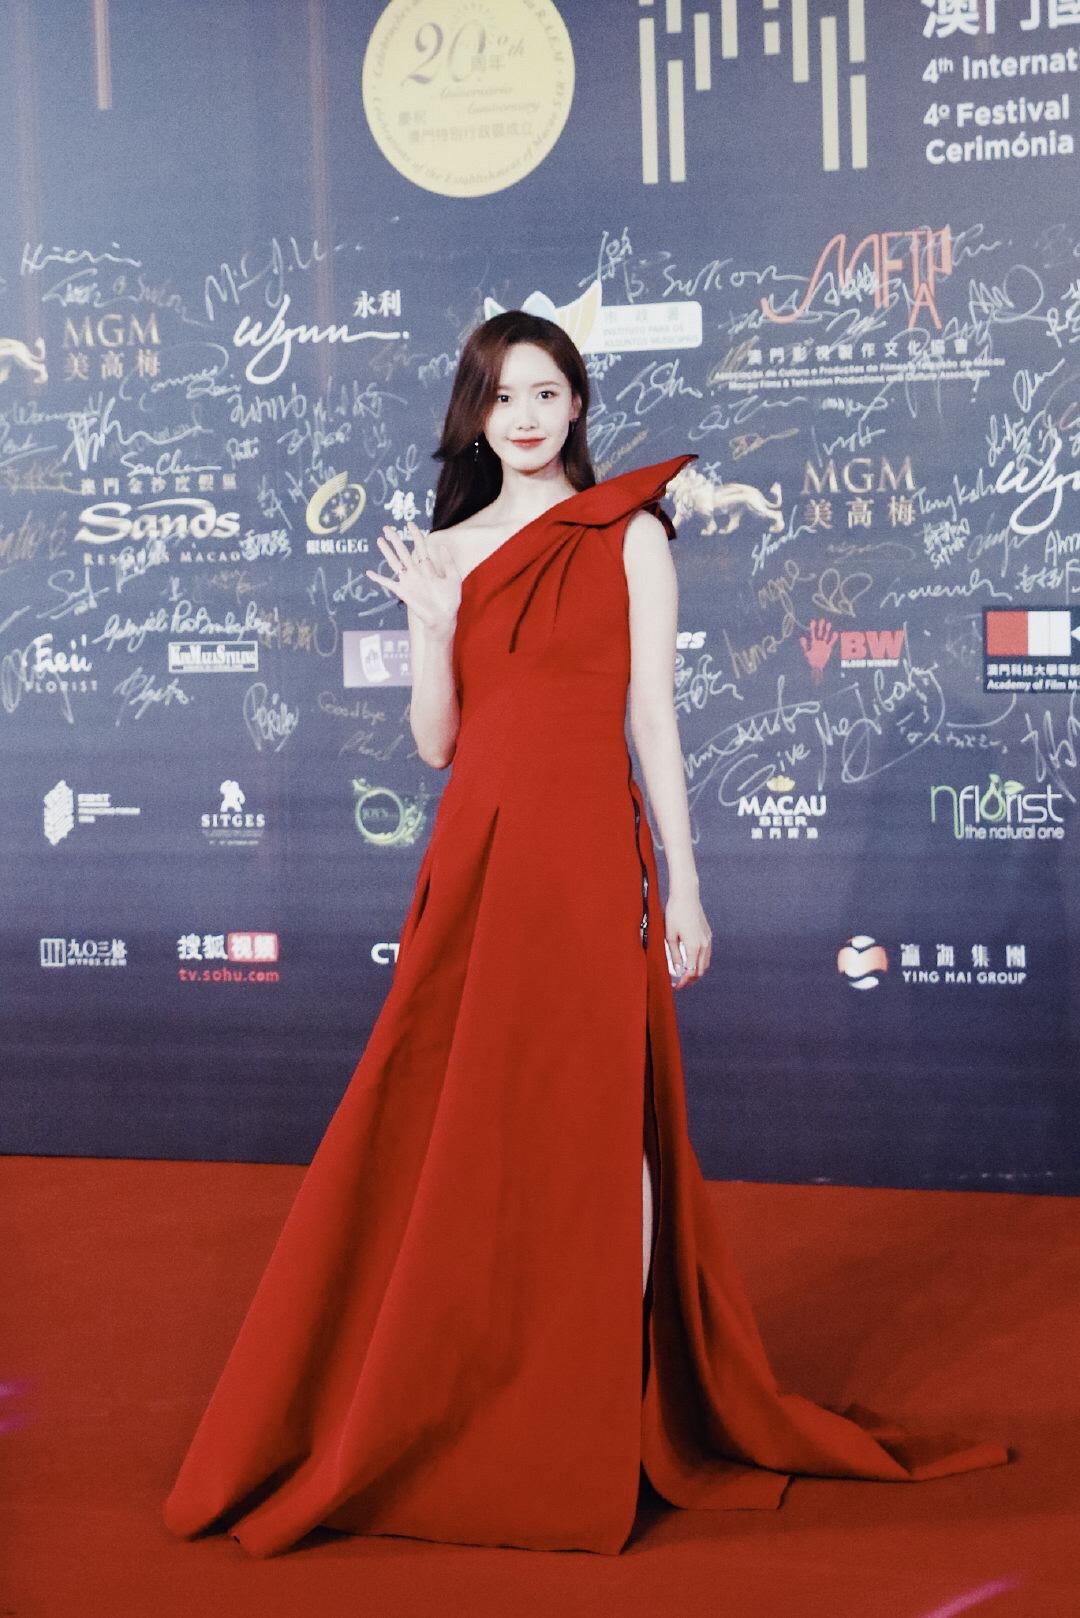 Yoona thay liền 2 bộ váy: Vừa kín đáo đã quay ngoắt sang lồng lộn đúng chuẩn 'nữ hoàng thảm đỏ' khiến ai cũng trầm trồ 8